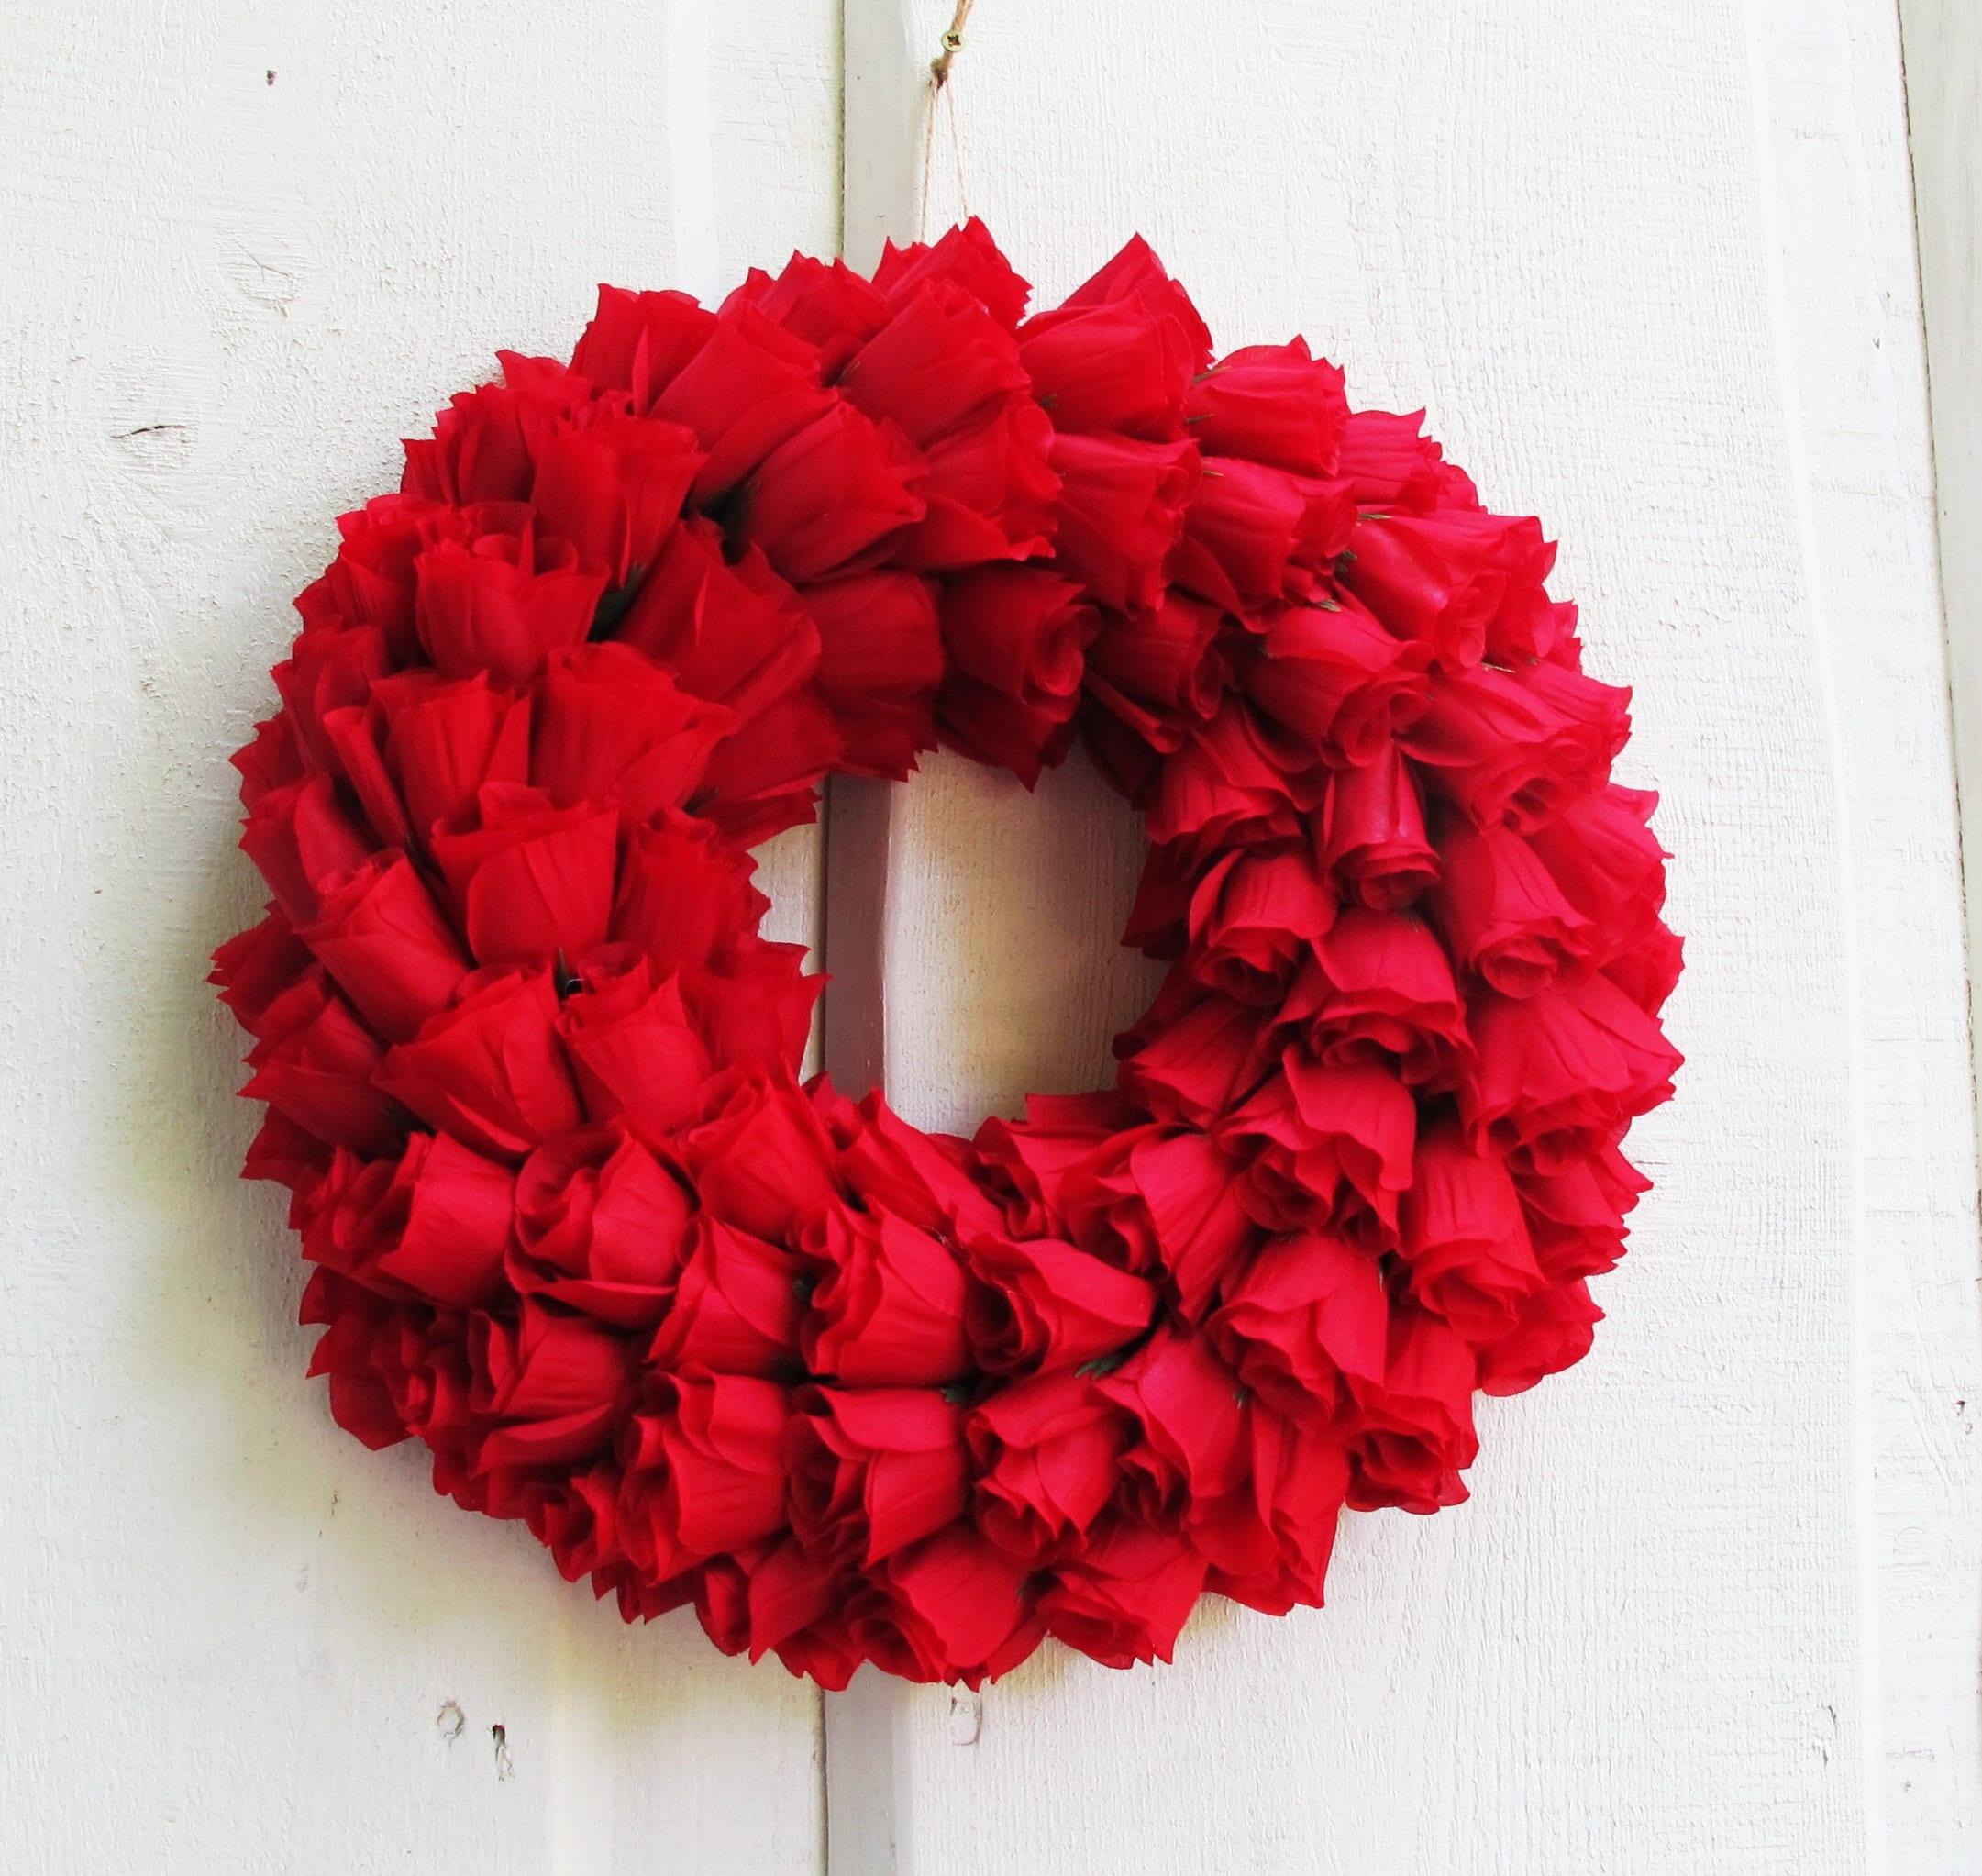 Rote Rosen Kranz künstliche Seide Blumen Kränze Haustür | Etsy